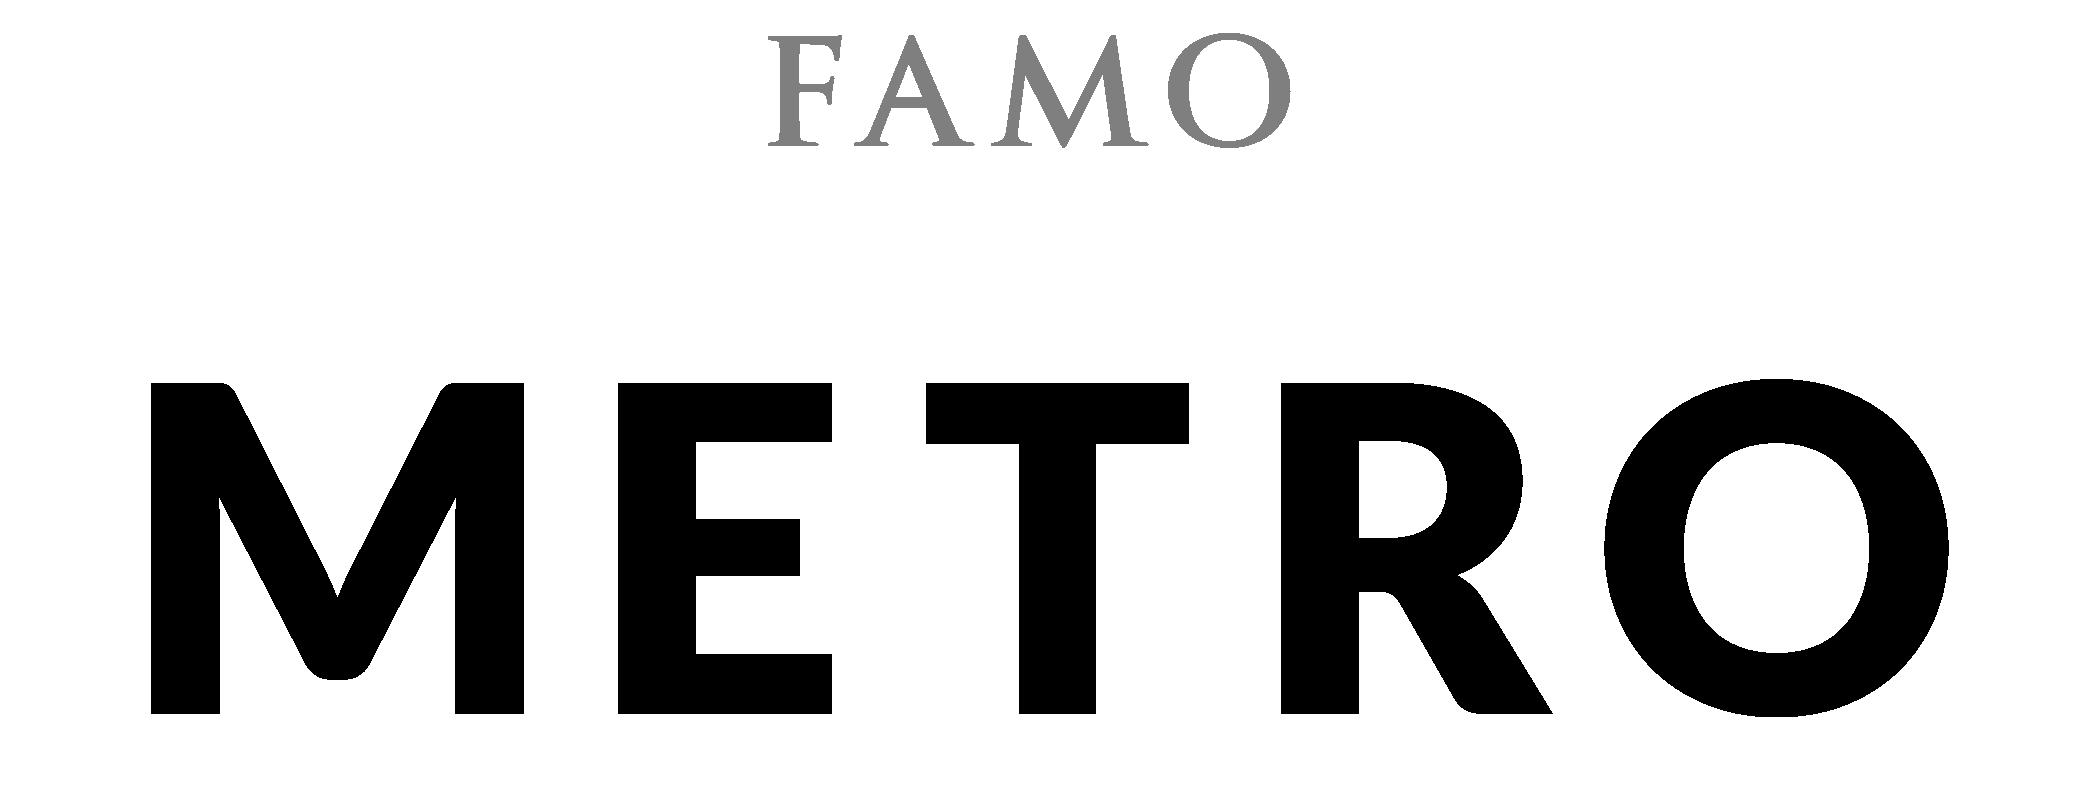 Metro_Logo_Black@3x.png